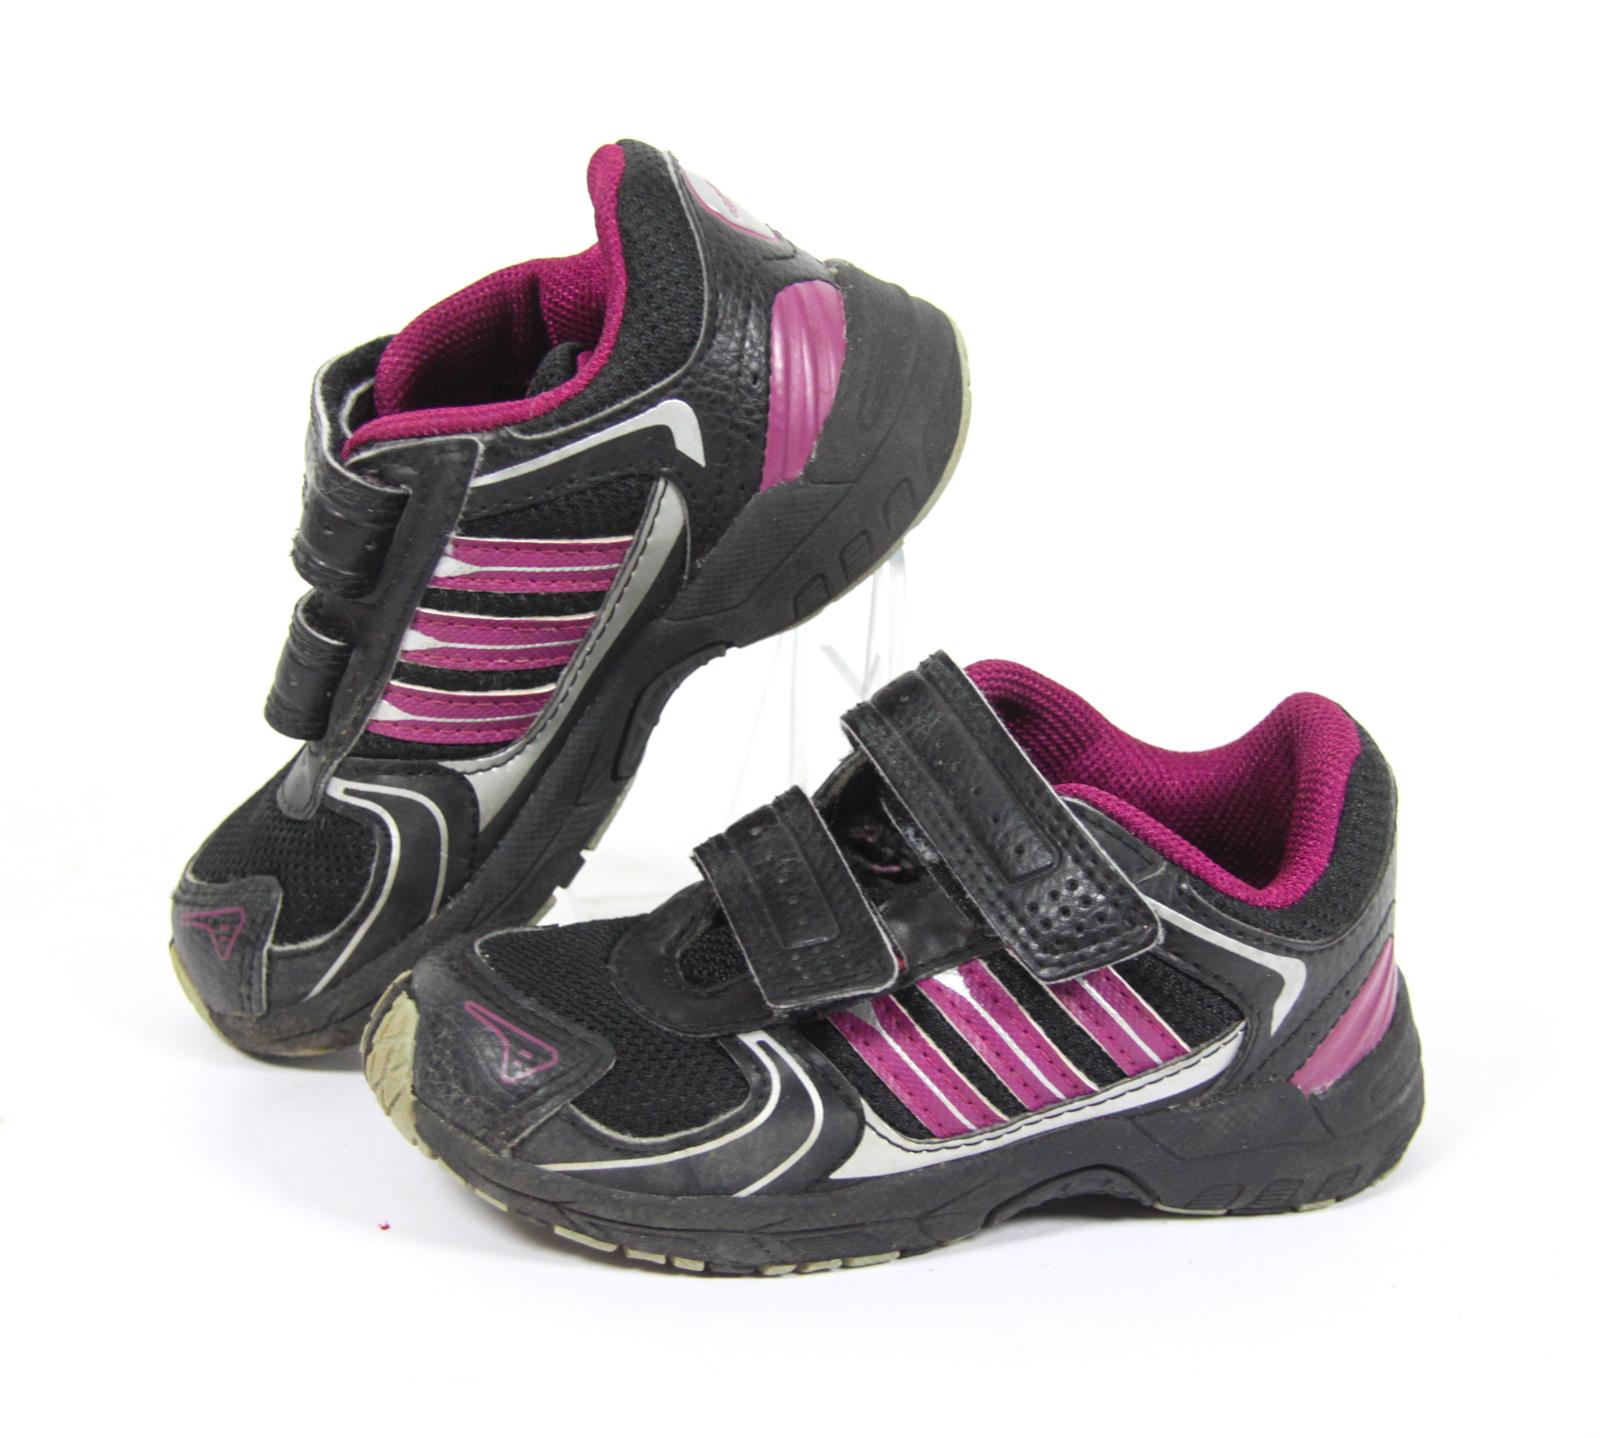 SCHUHE 7 PAAR für Mädchen Gr. 22 23 Adidas, Nike etc. EUR